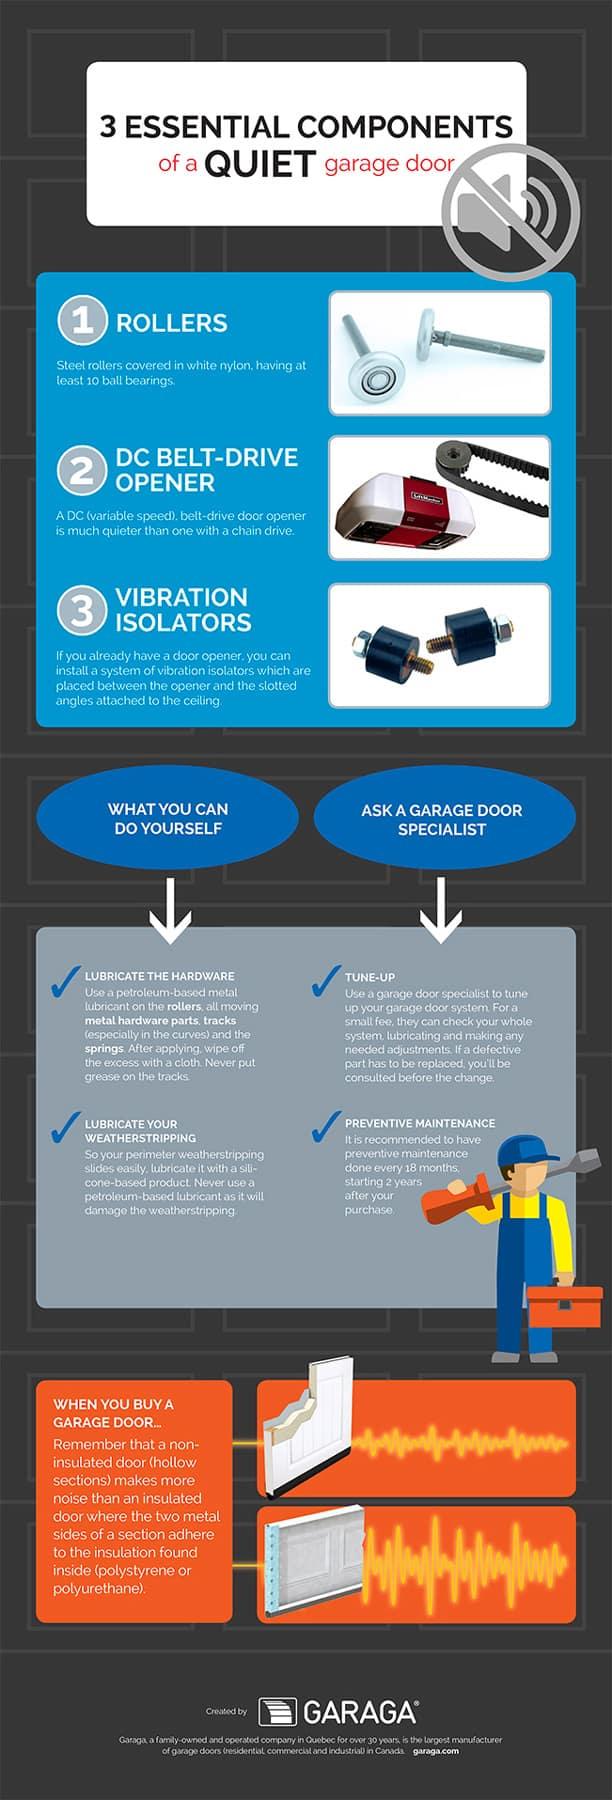 Noisy Garage Door? Here's what to do